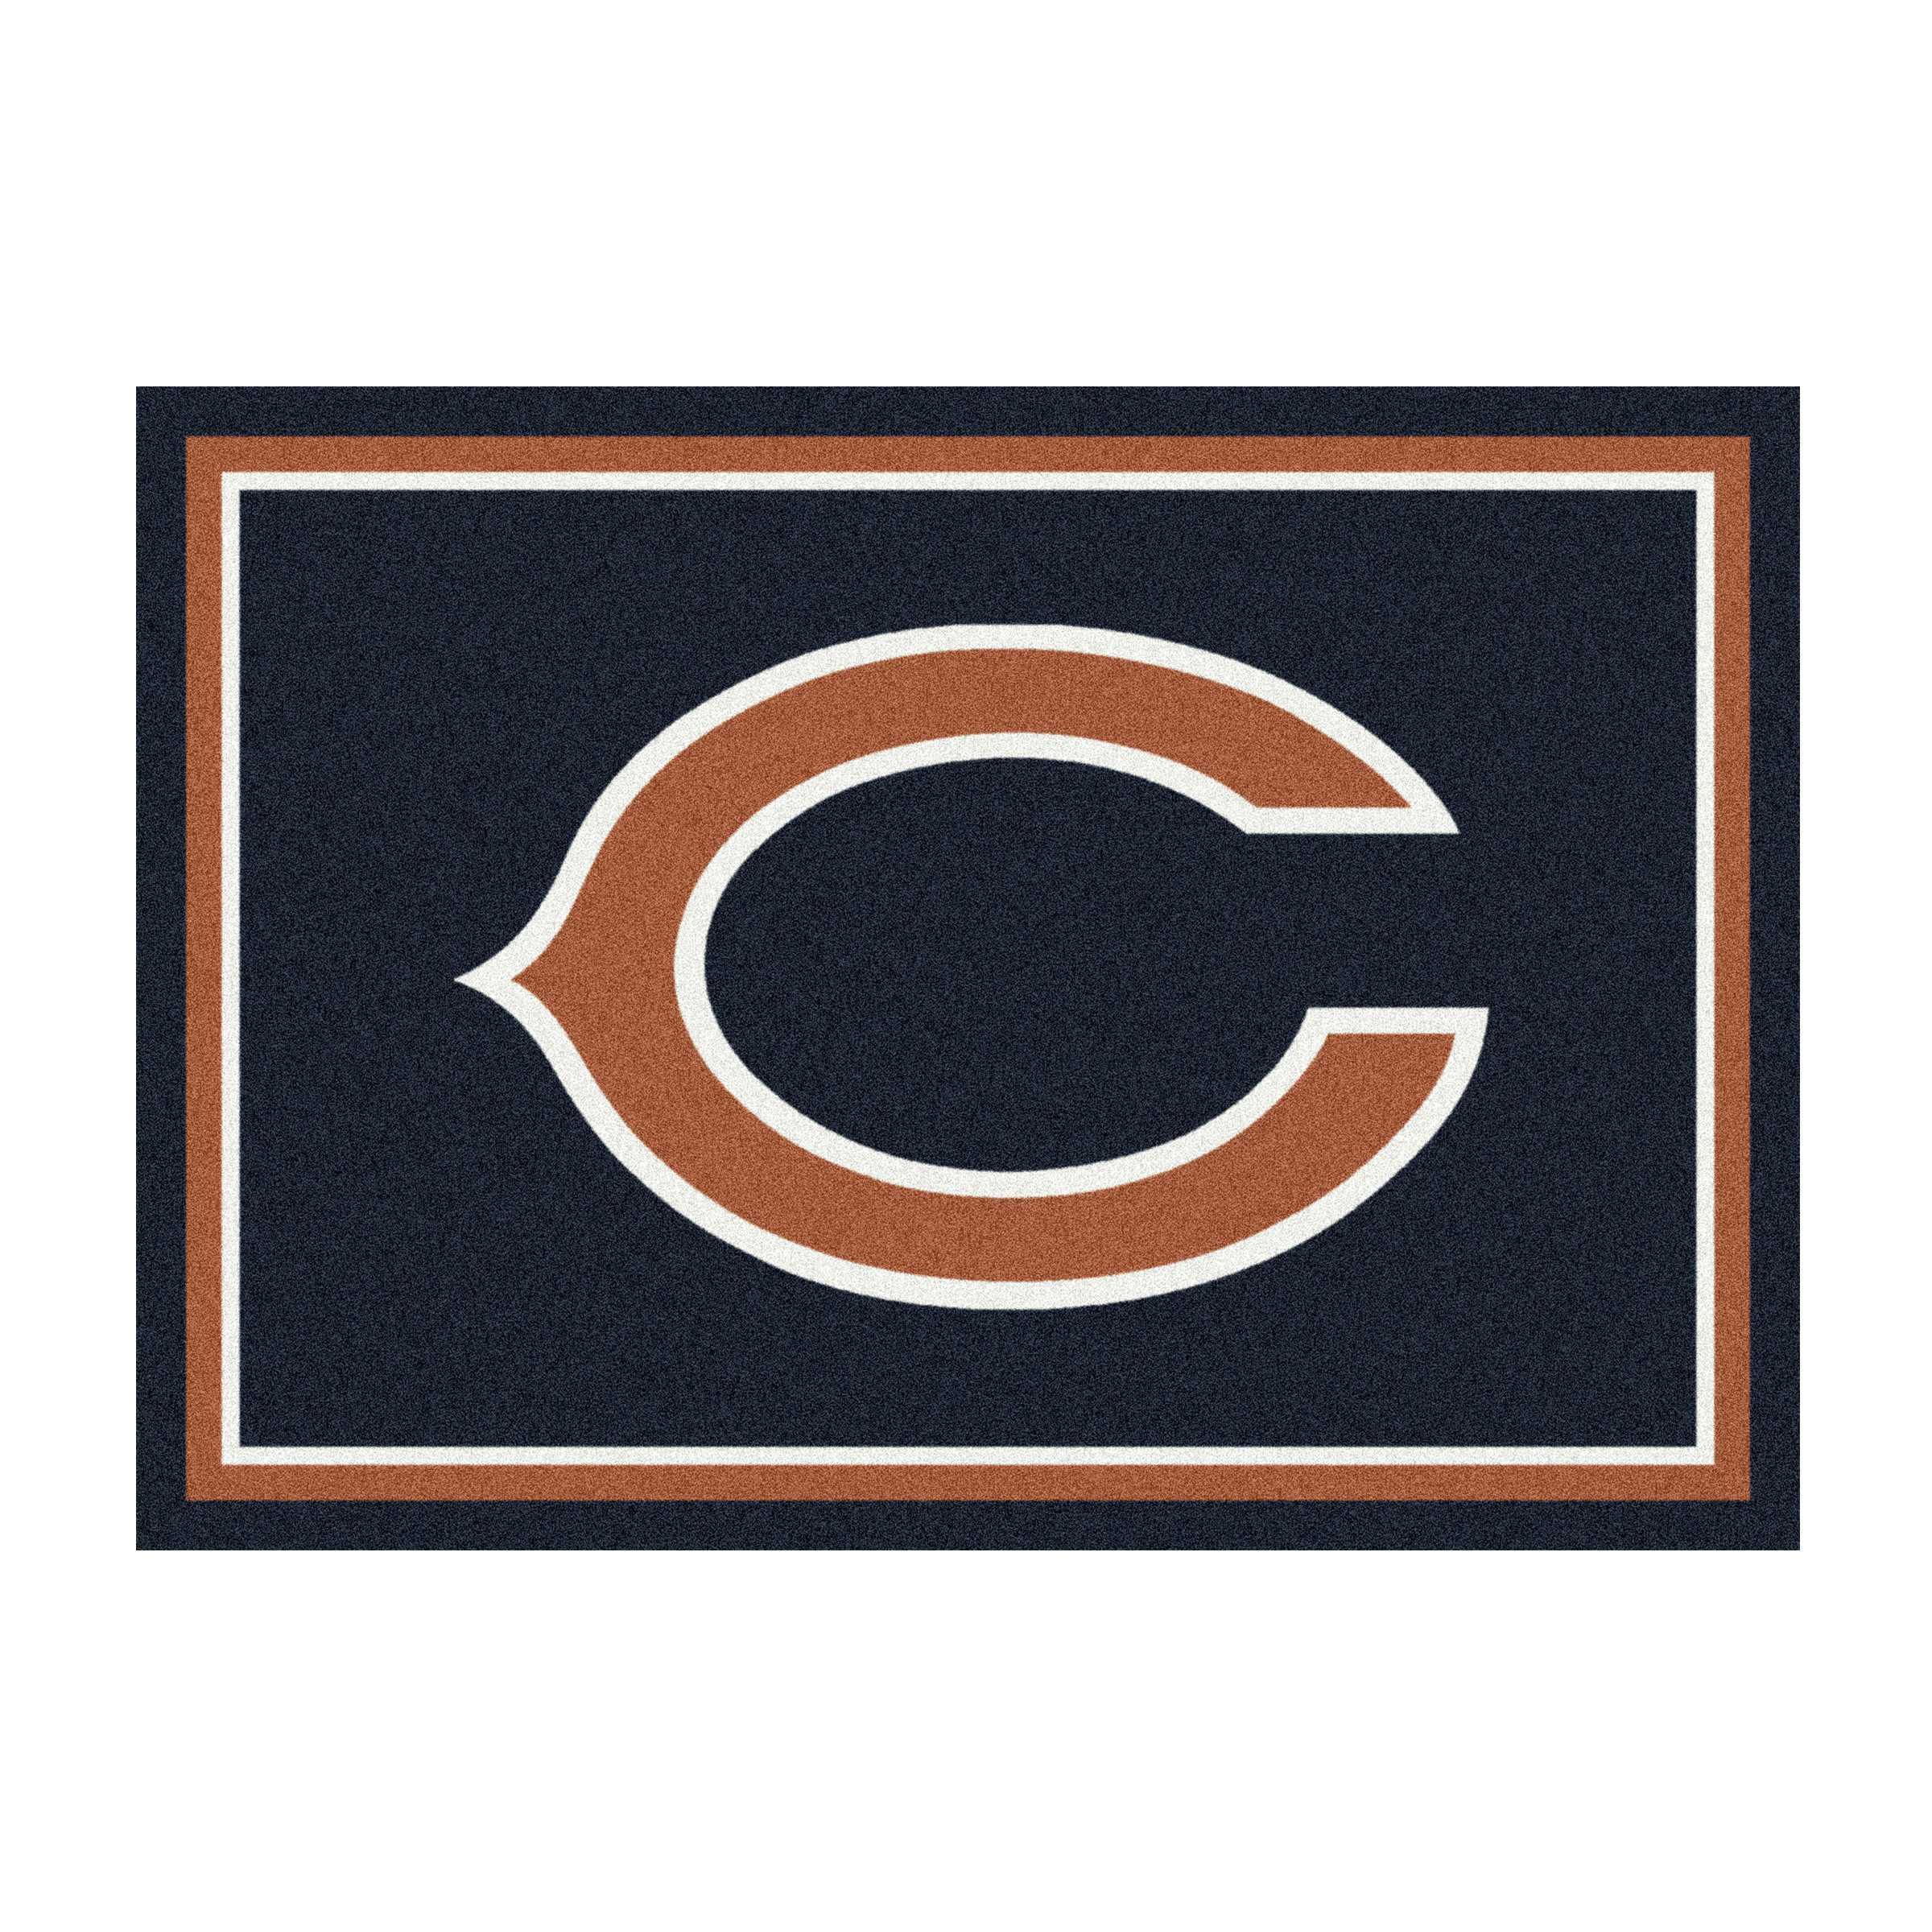 CHICAGO BEARS 6X8 SPIRIT RUG